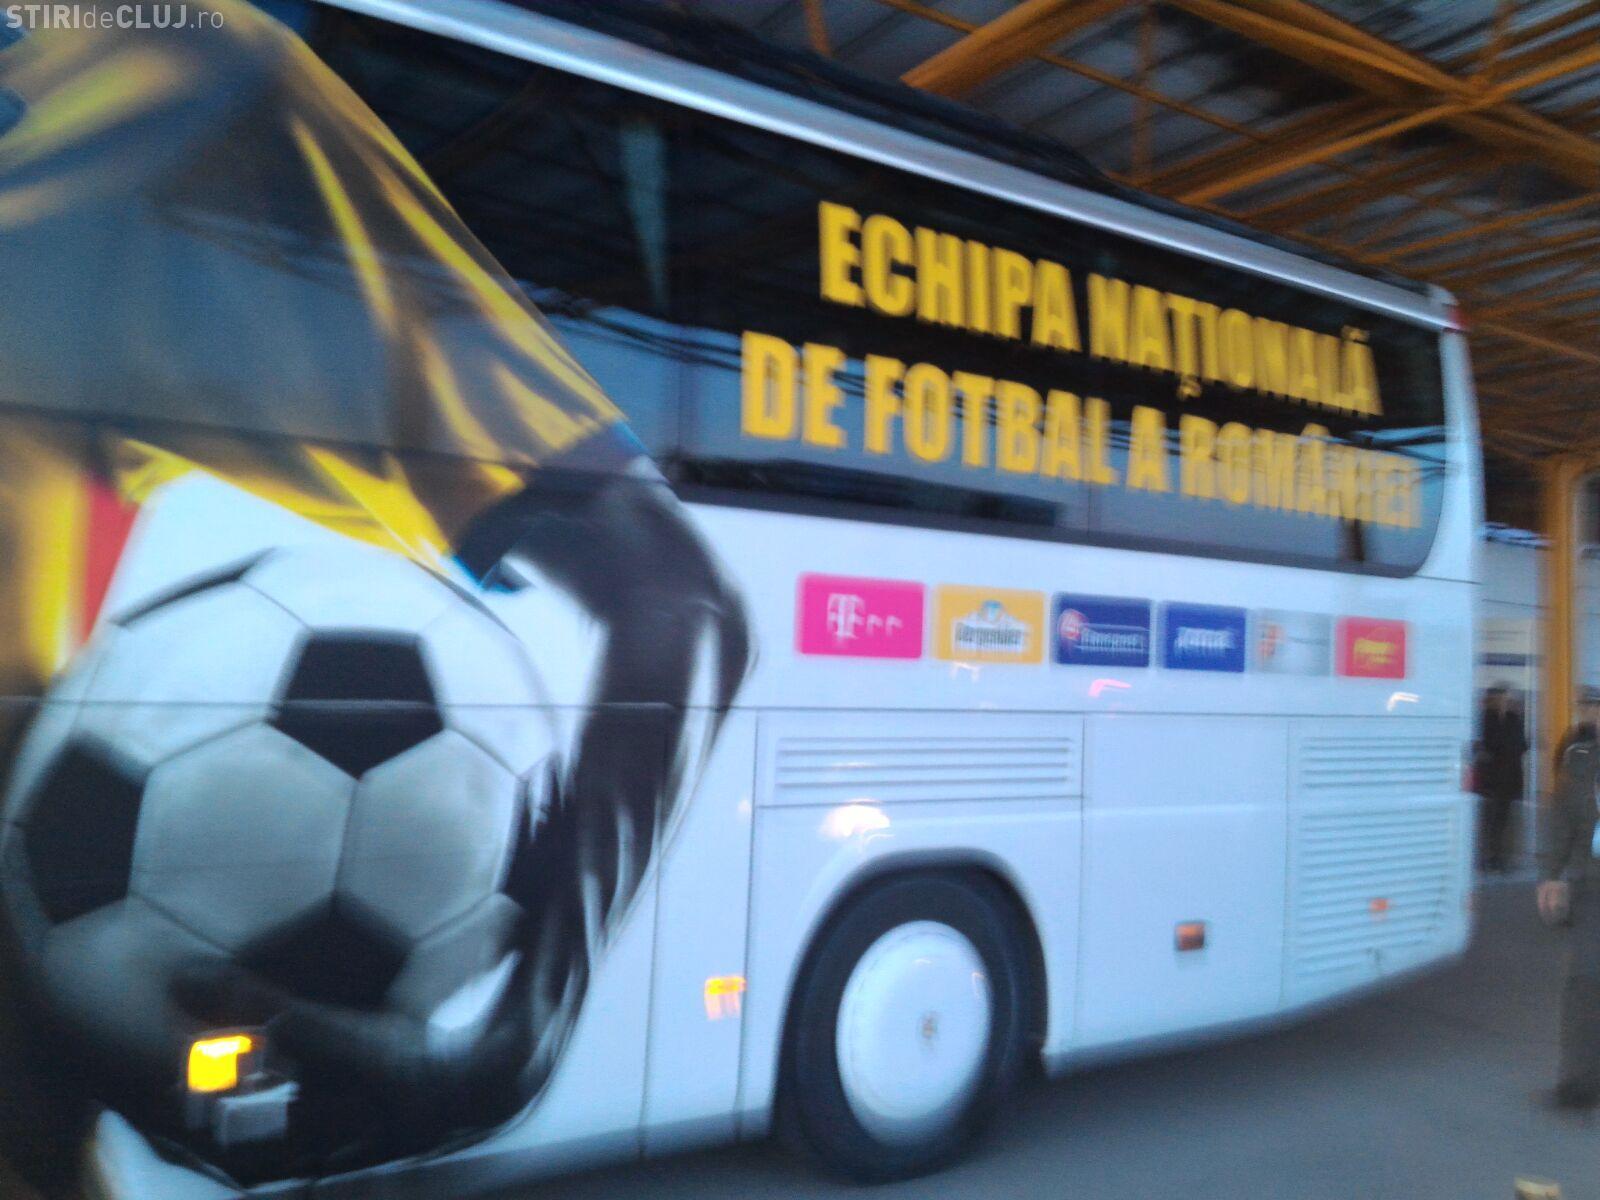 Echipa națională a României a ajuns la Cluj. Aroganță maximă - FOTO